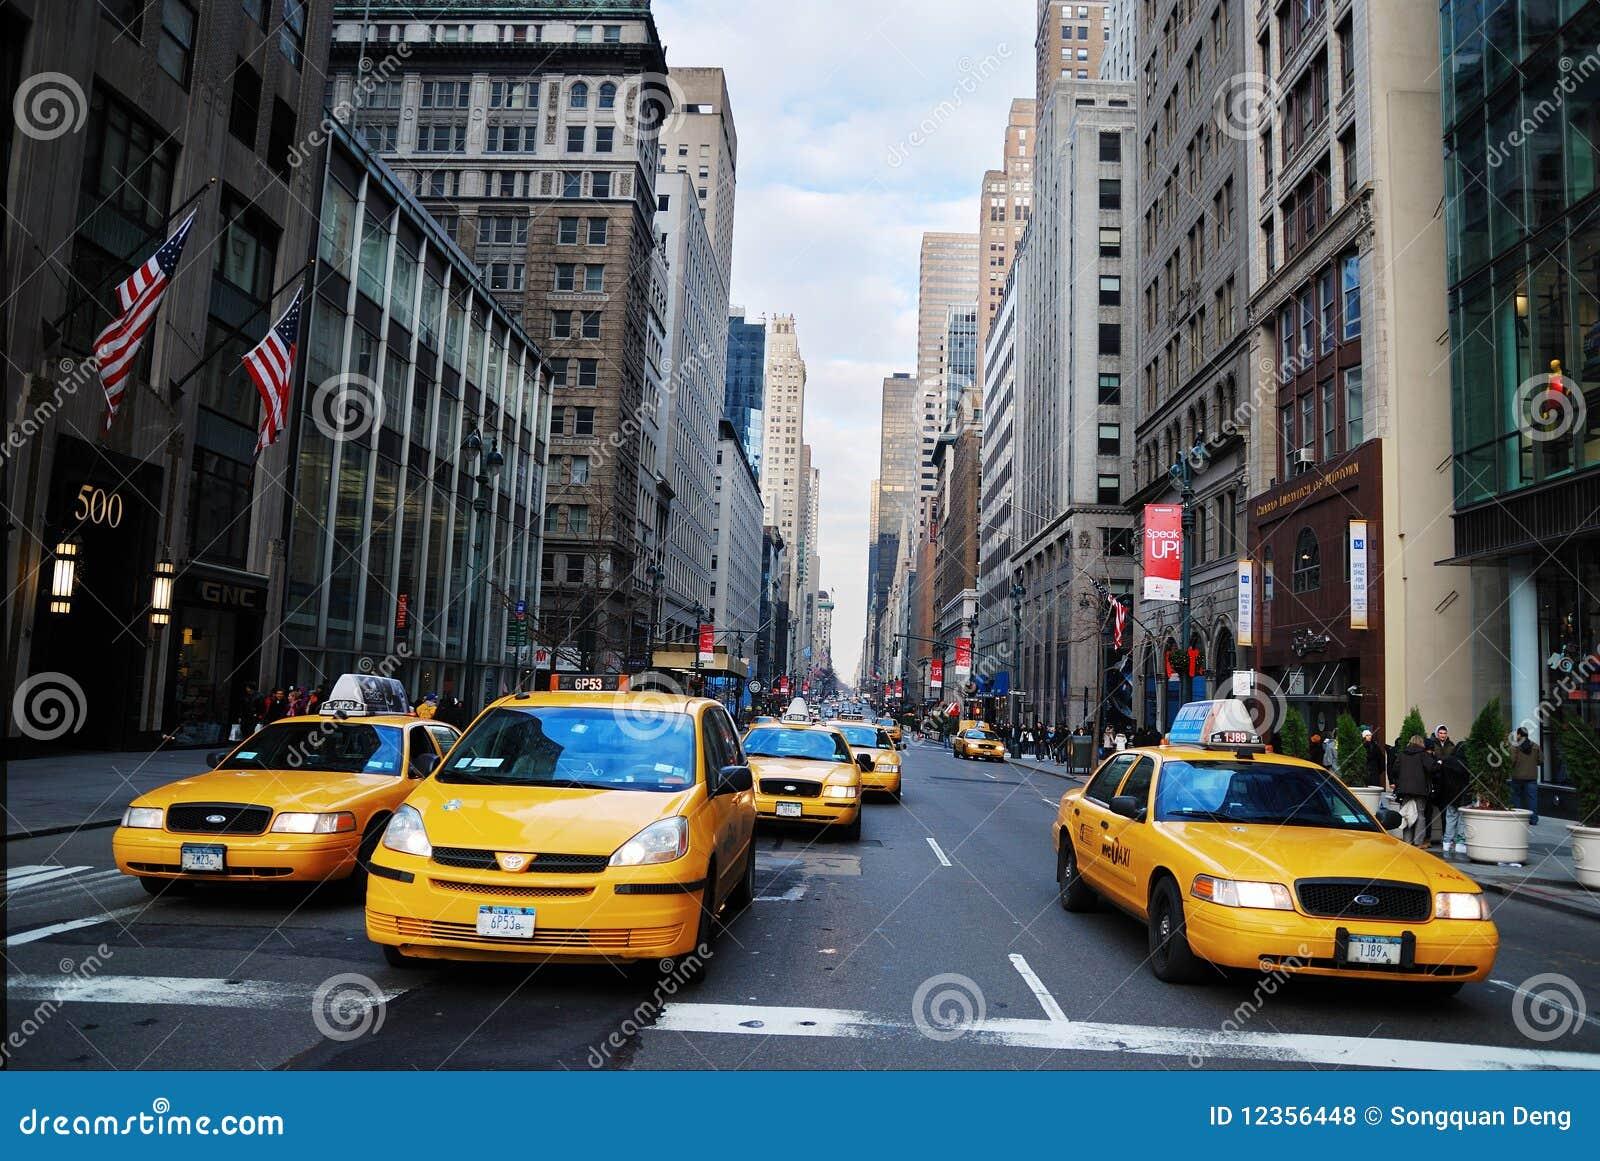 taxi jaune de taxi de new york city photo stock ditorial image du architecture pomme 12356448. Black Bedroom Furniture Sets. Home Design Ideas